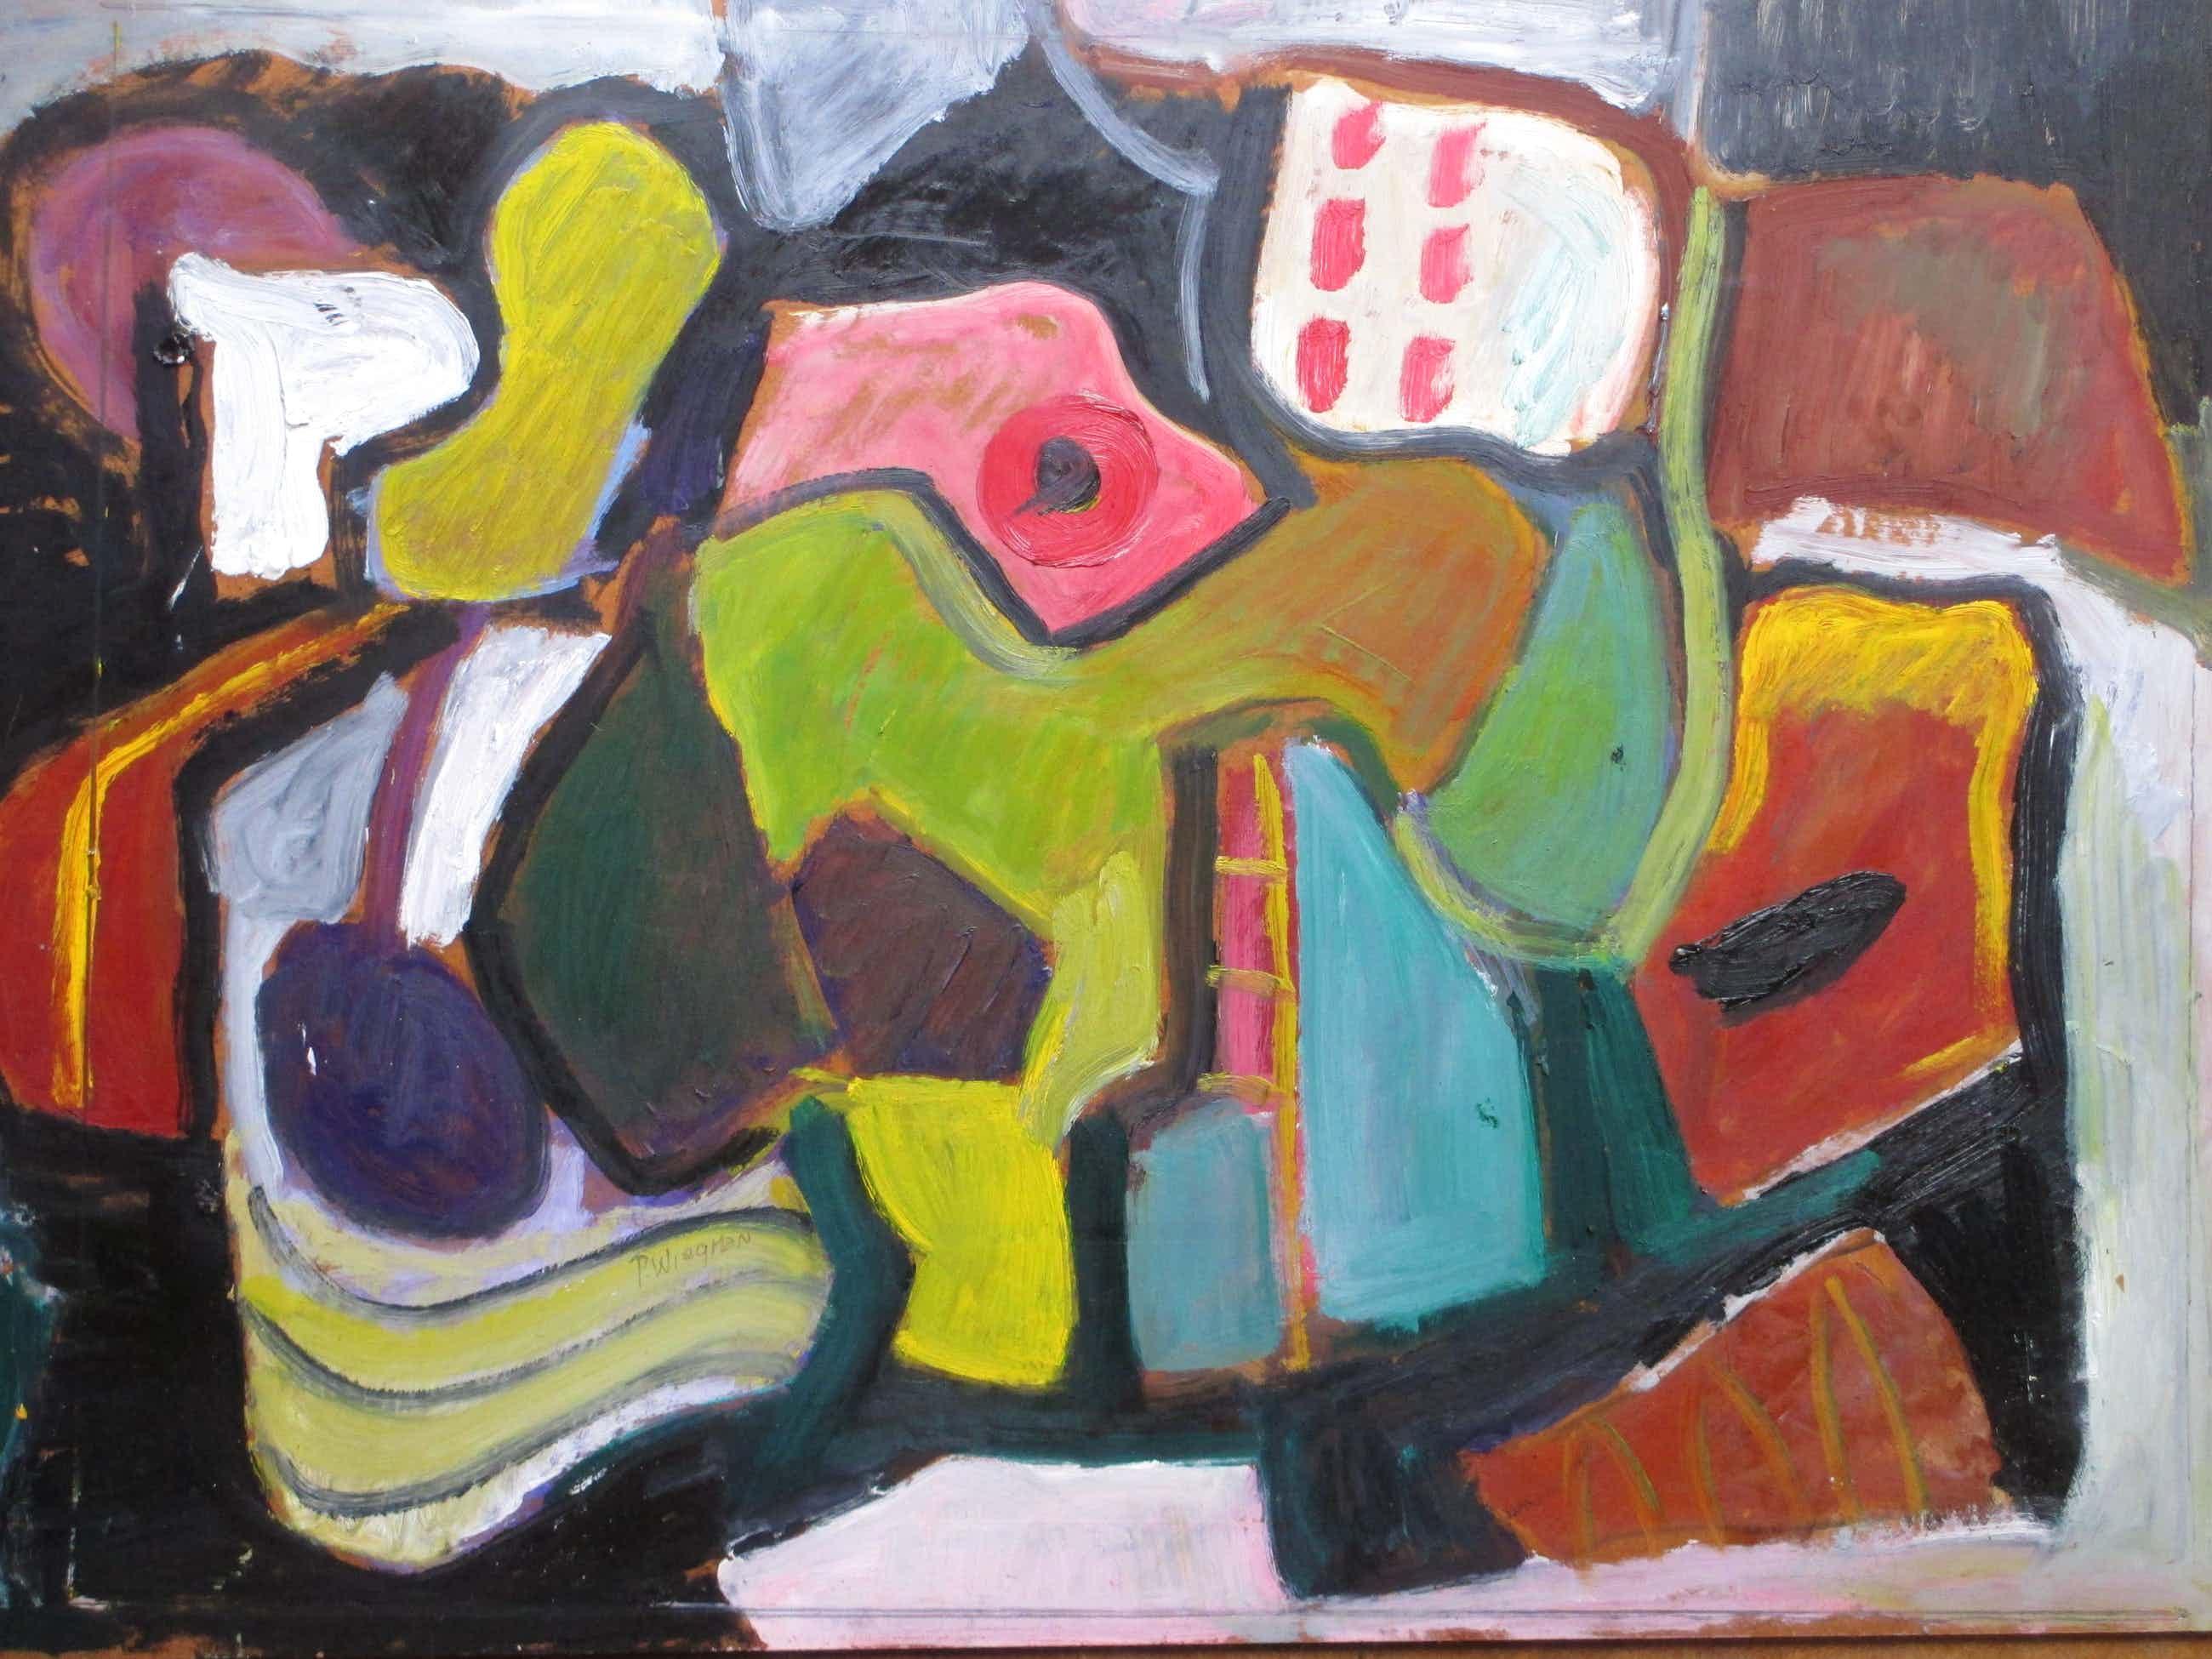 Piet Wiegman (II) - Abstracte kleurrijke compositie - Olieverf/board kopen? Bied vanaf 110!